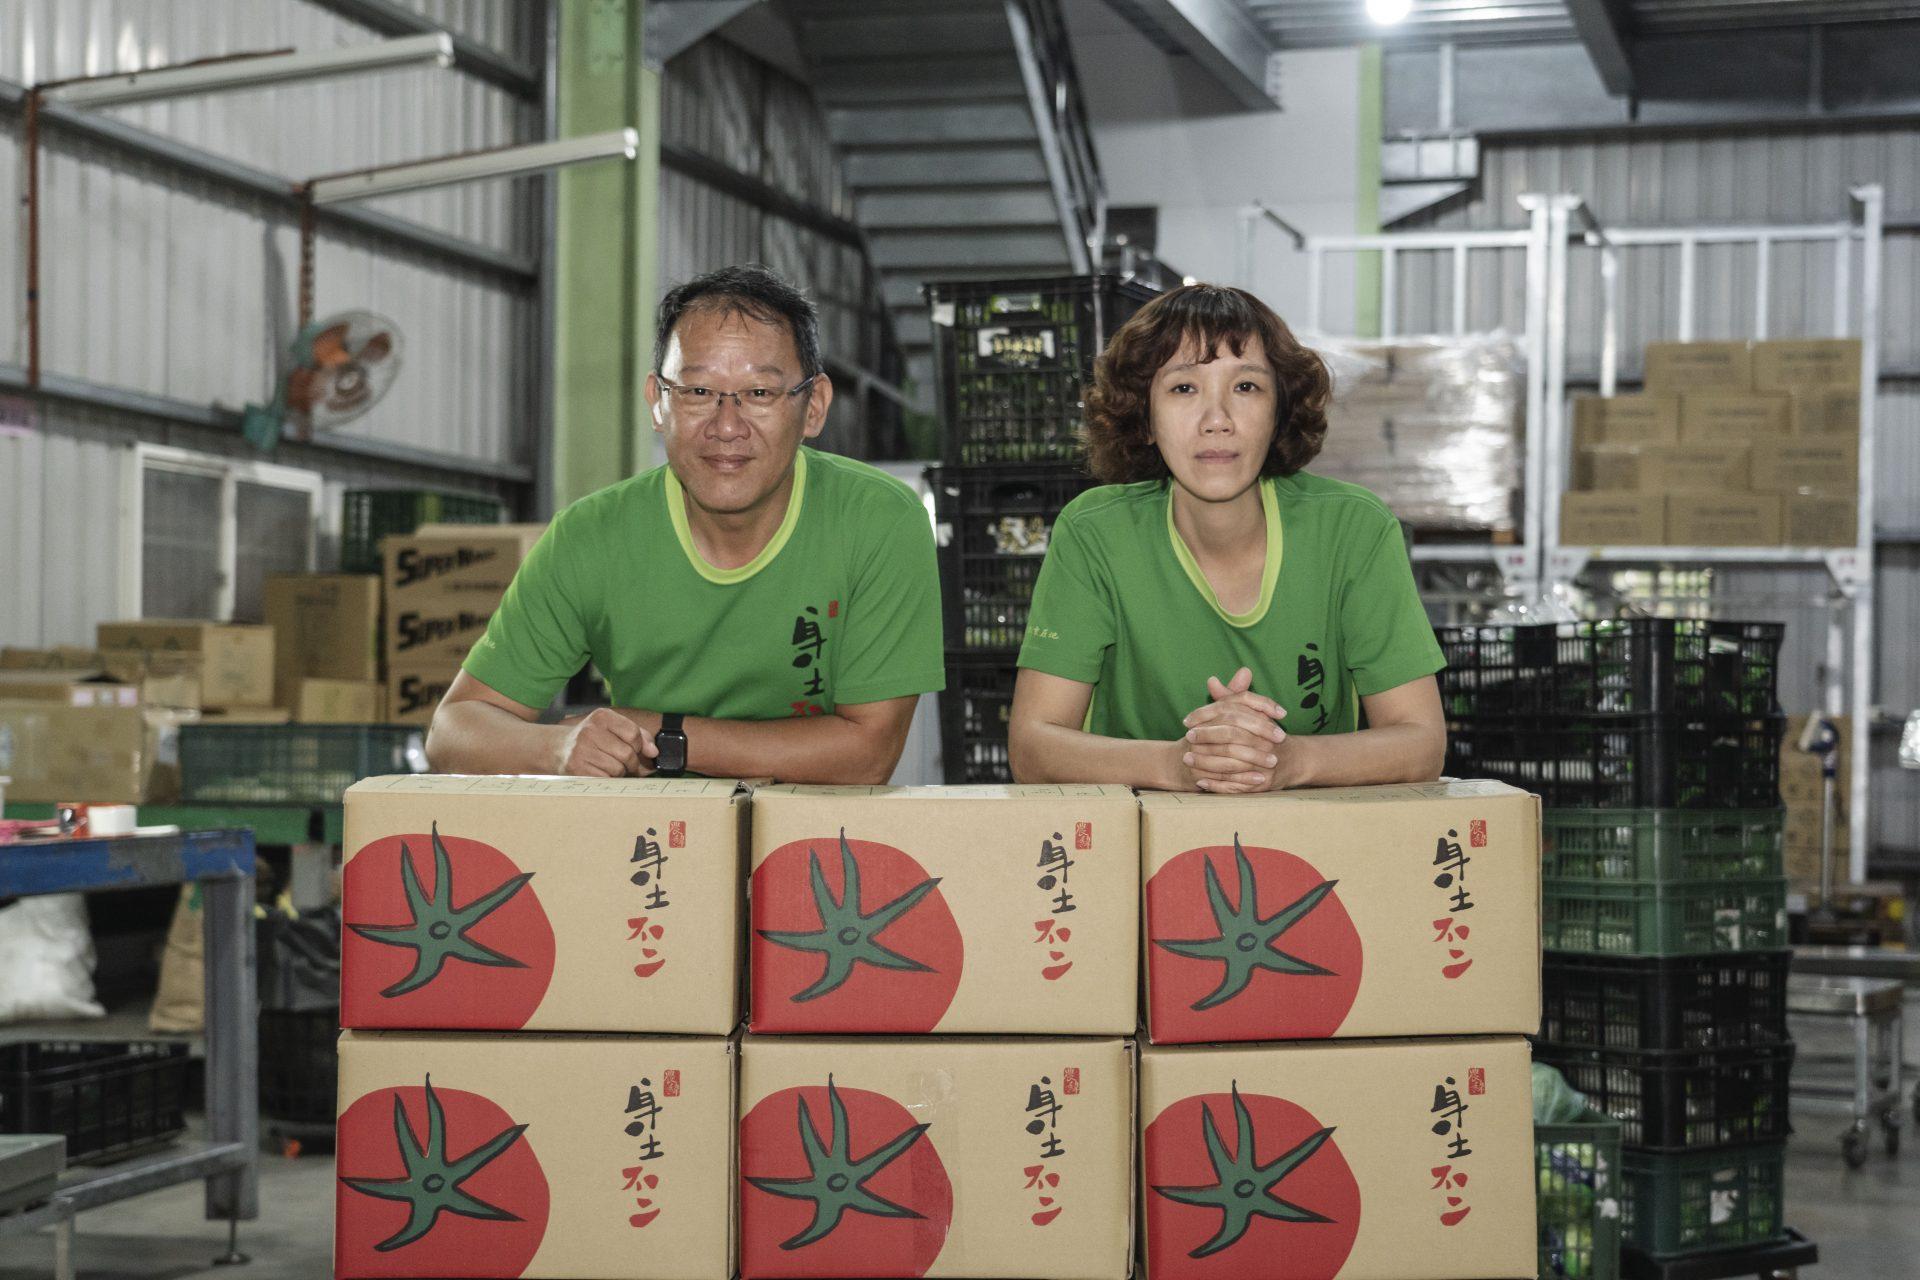 以「良」為本 小包裝廠「熬」出千萬業績:農緯果菜